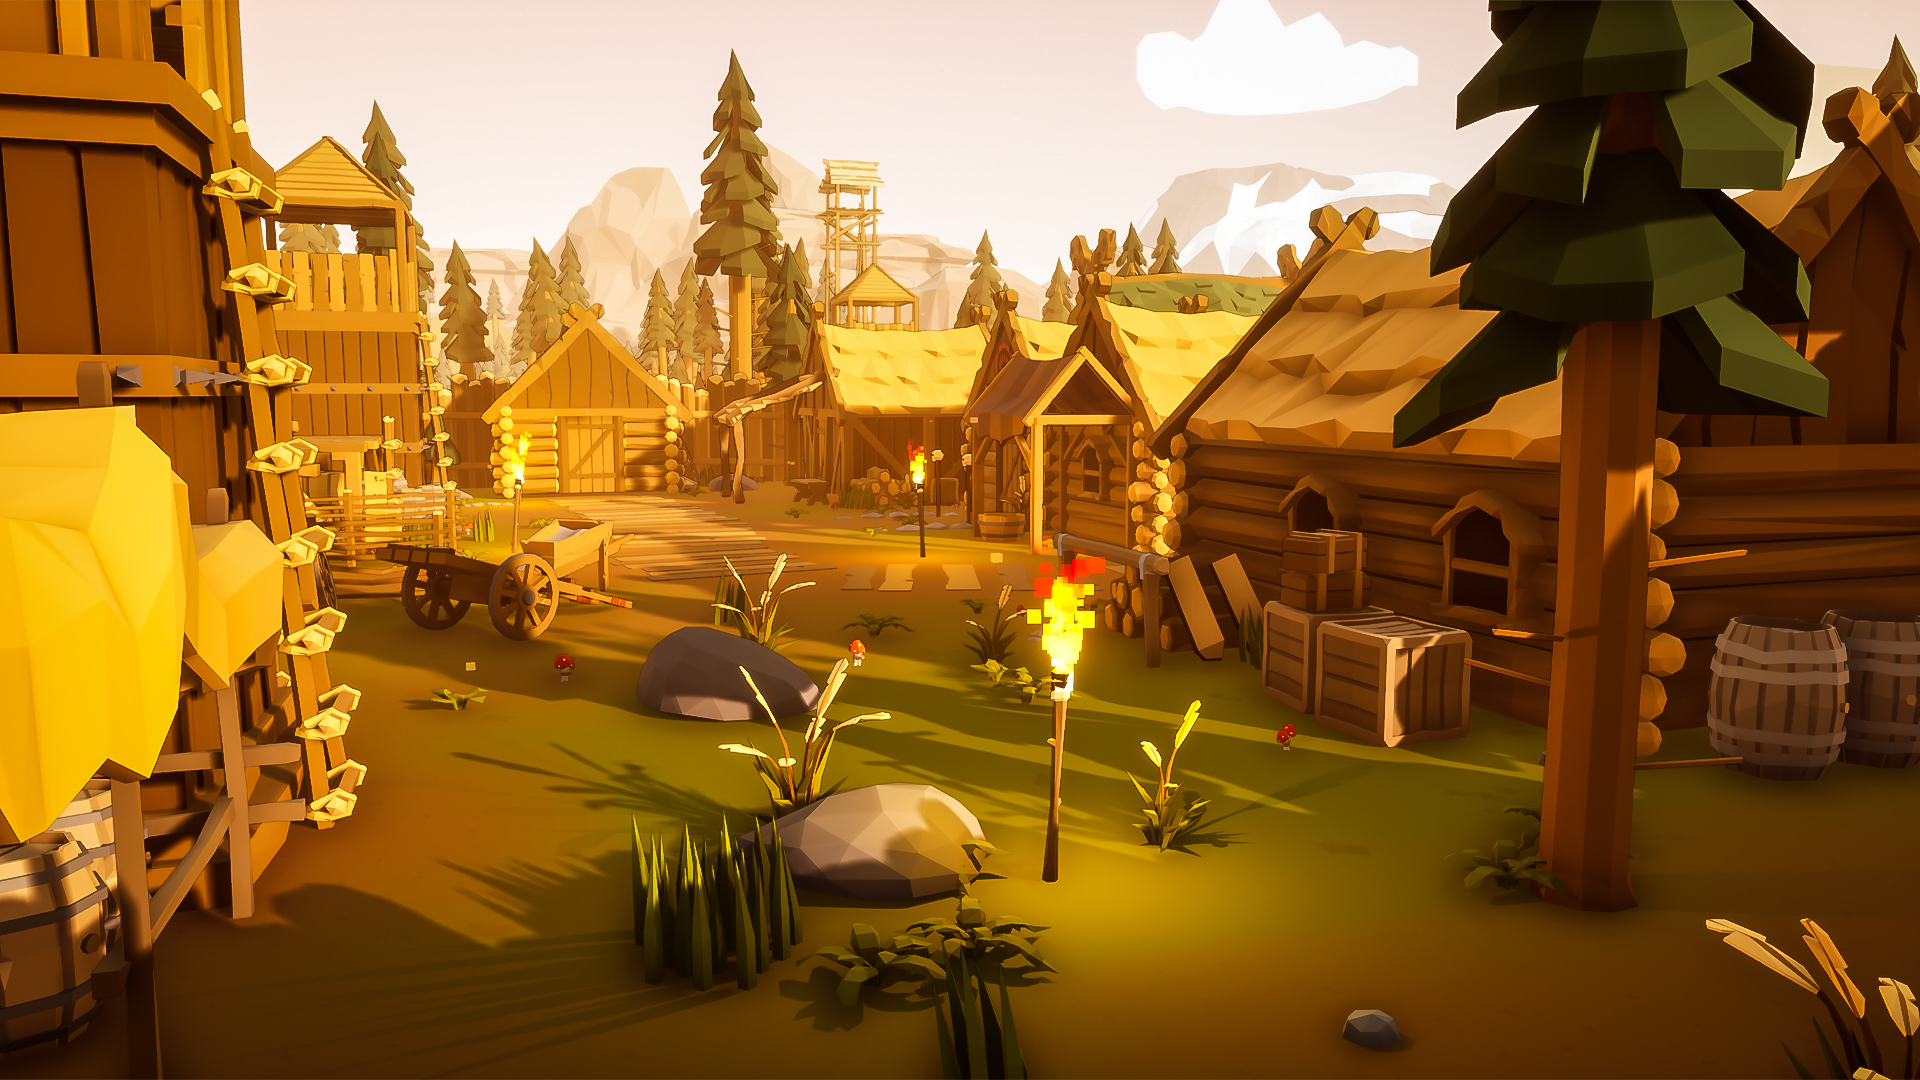 Peekaboo - онлайн игра в жанре PropHunt от инди разработчиков. - Изображение 2